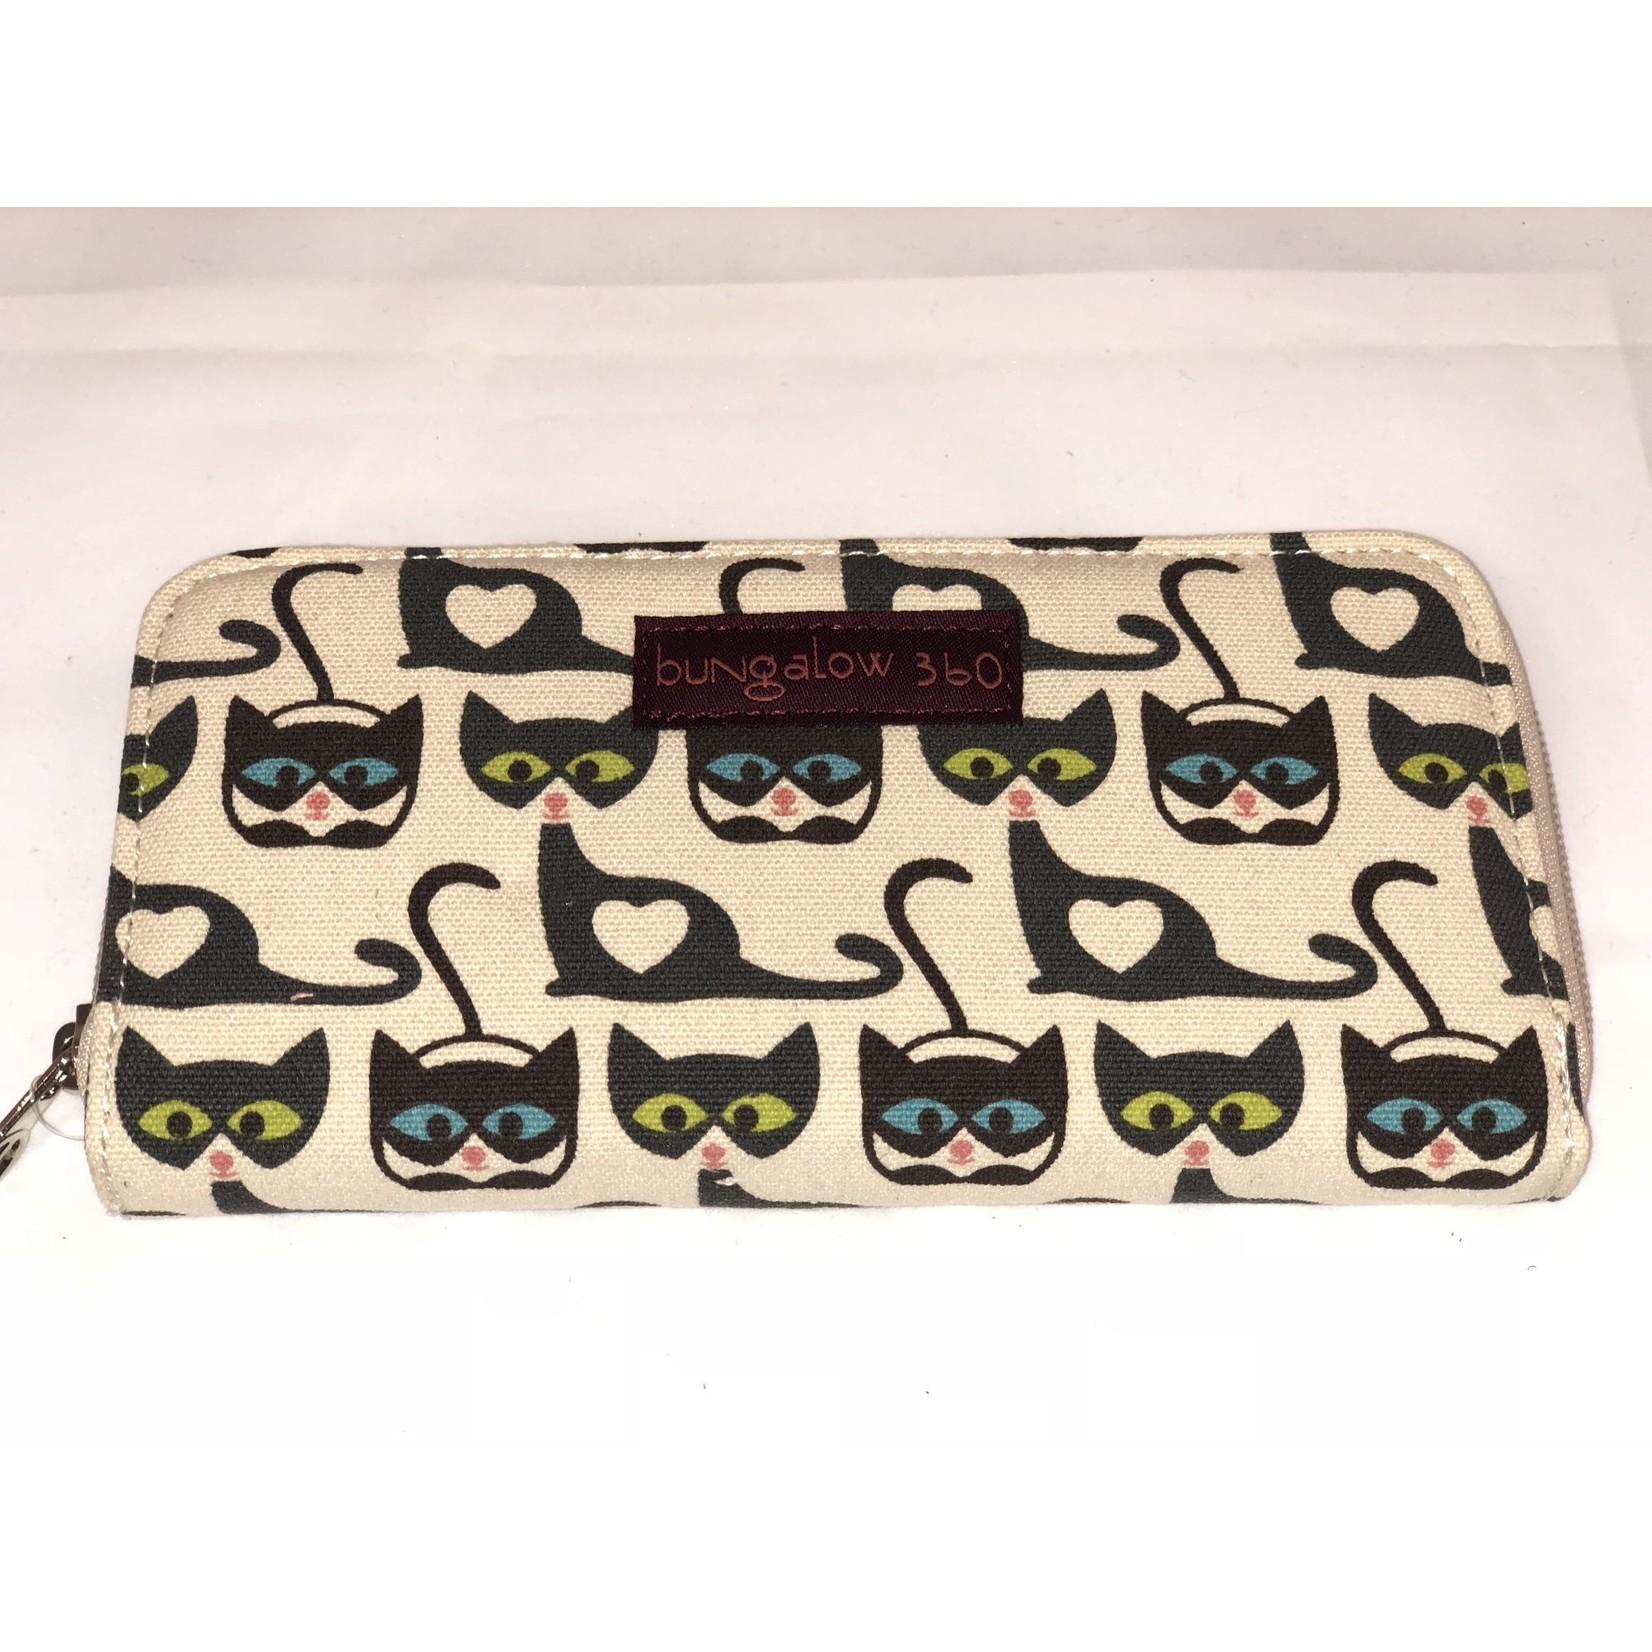 Bungalow 360 Zip Around Wallet - Cat